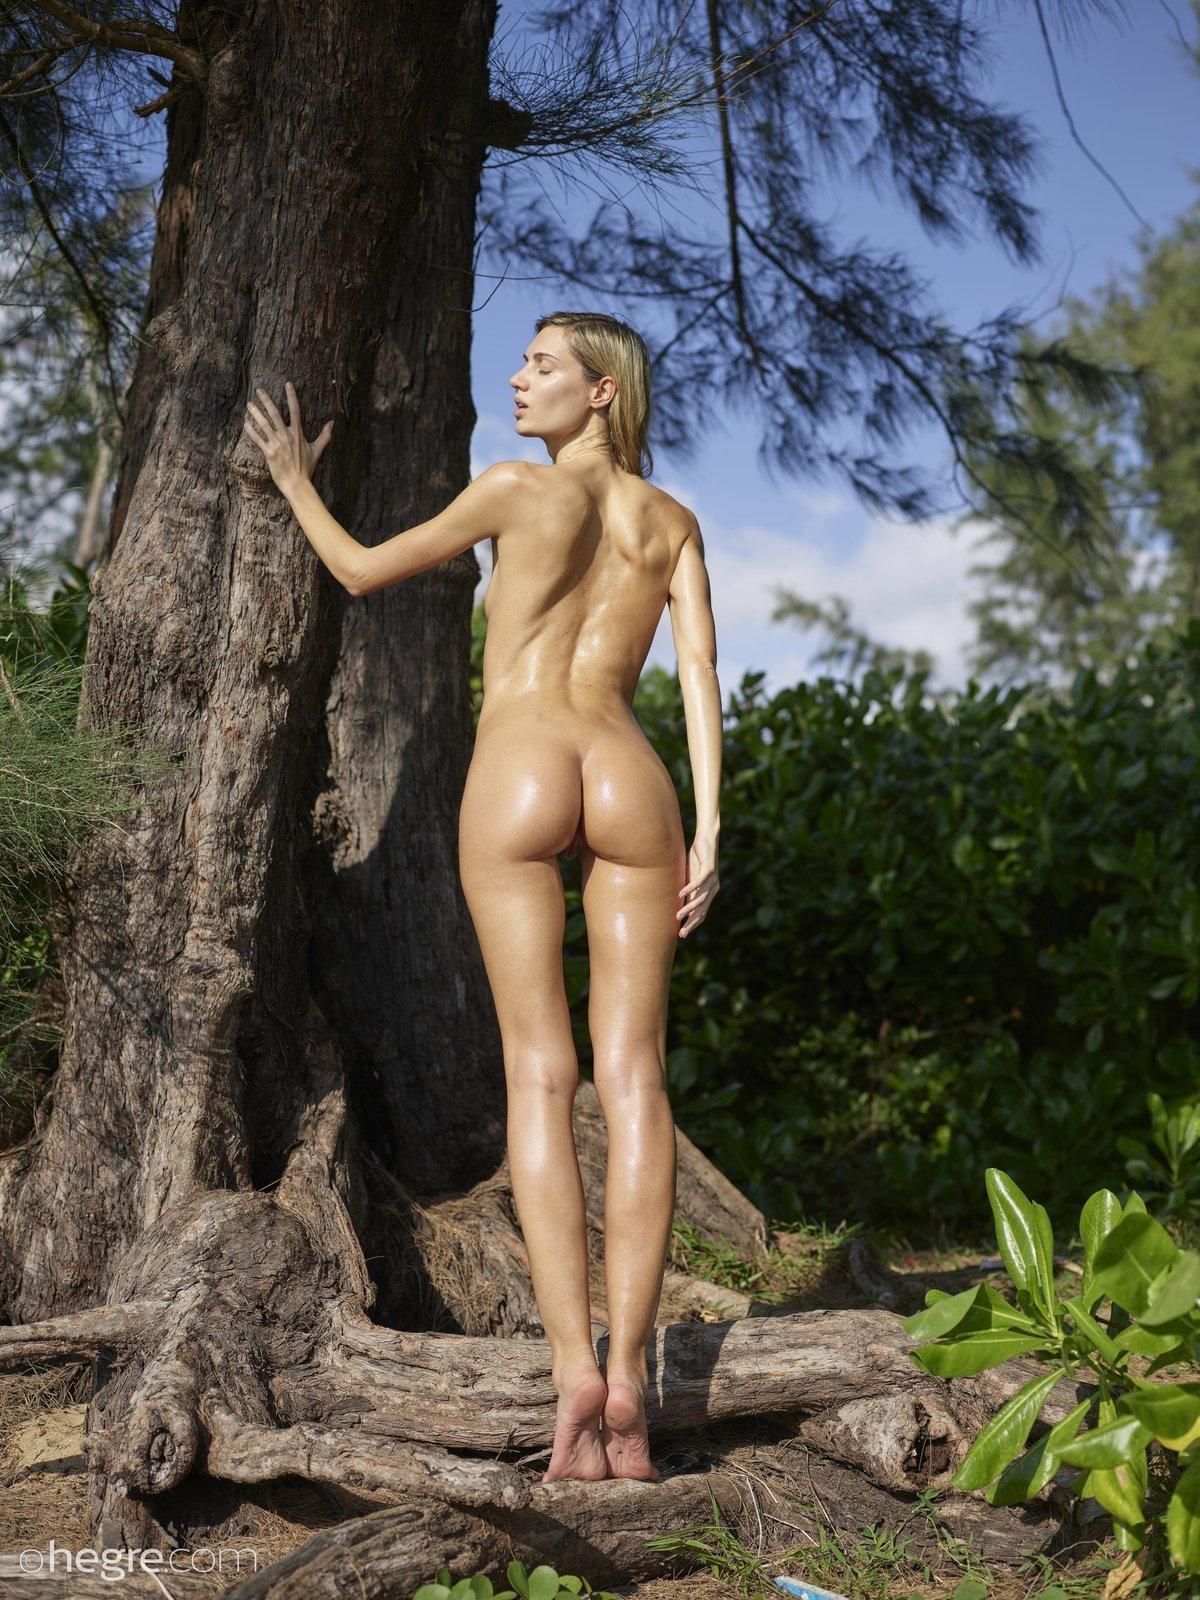 Горячая блондинка позирует обнаженной в лесу